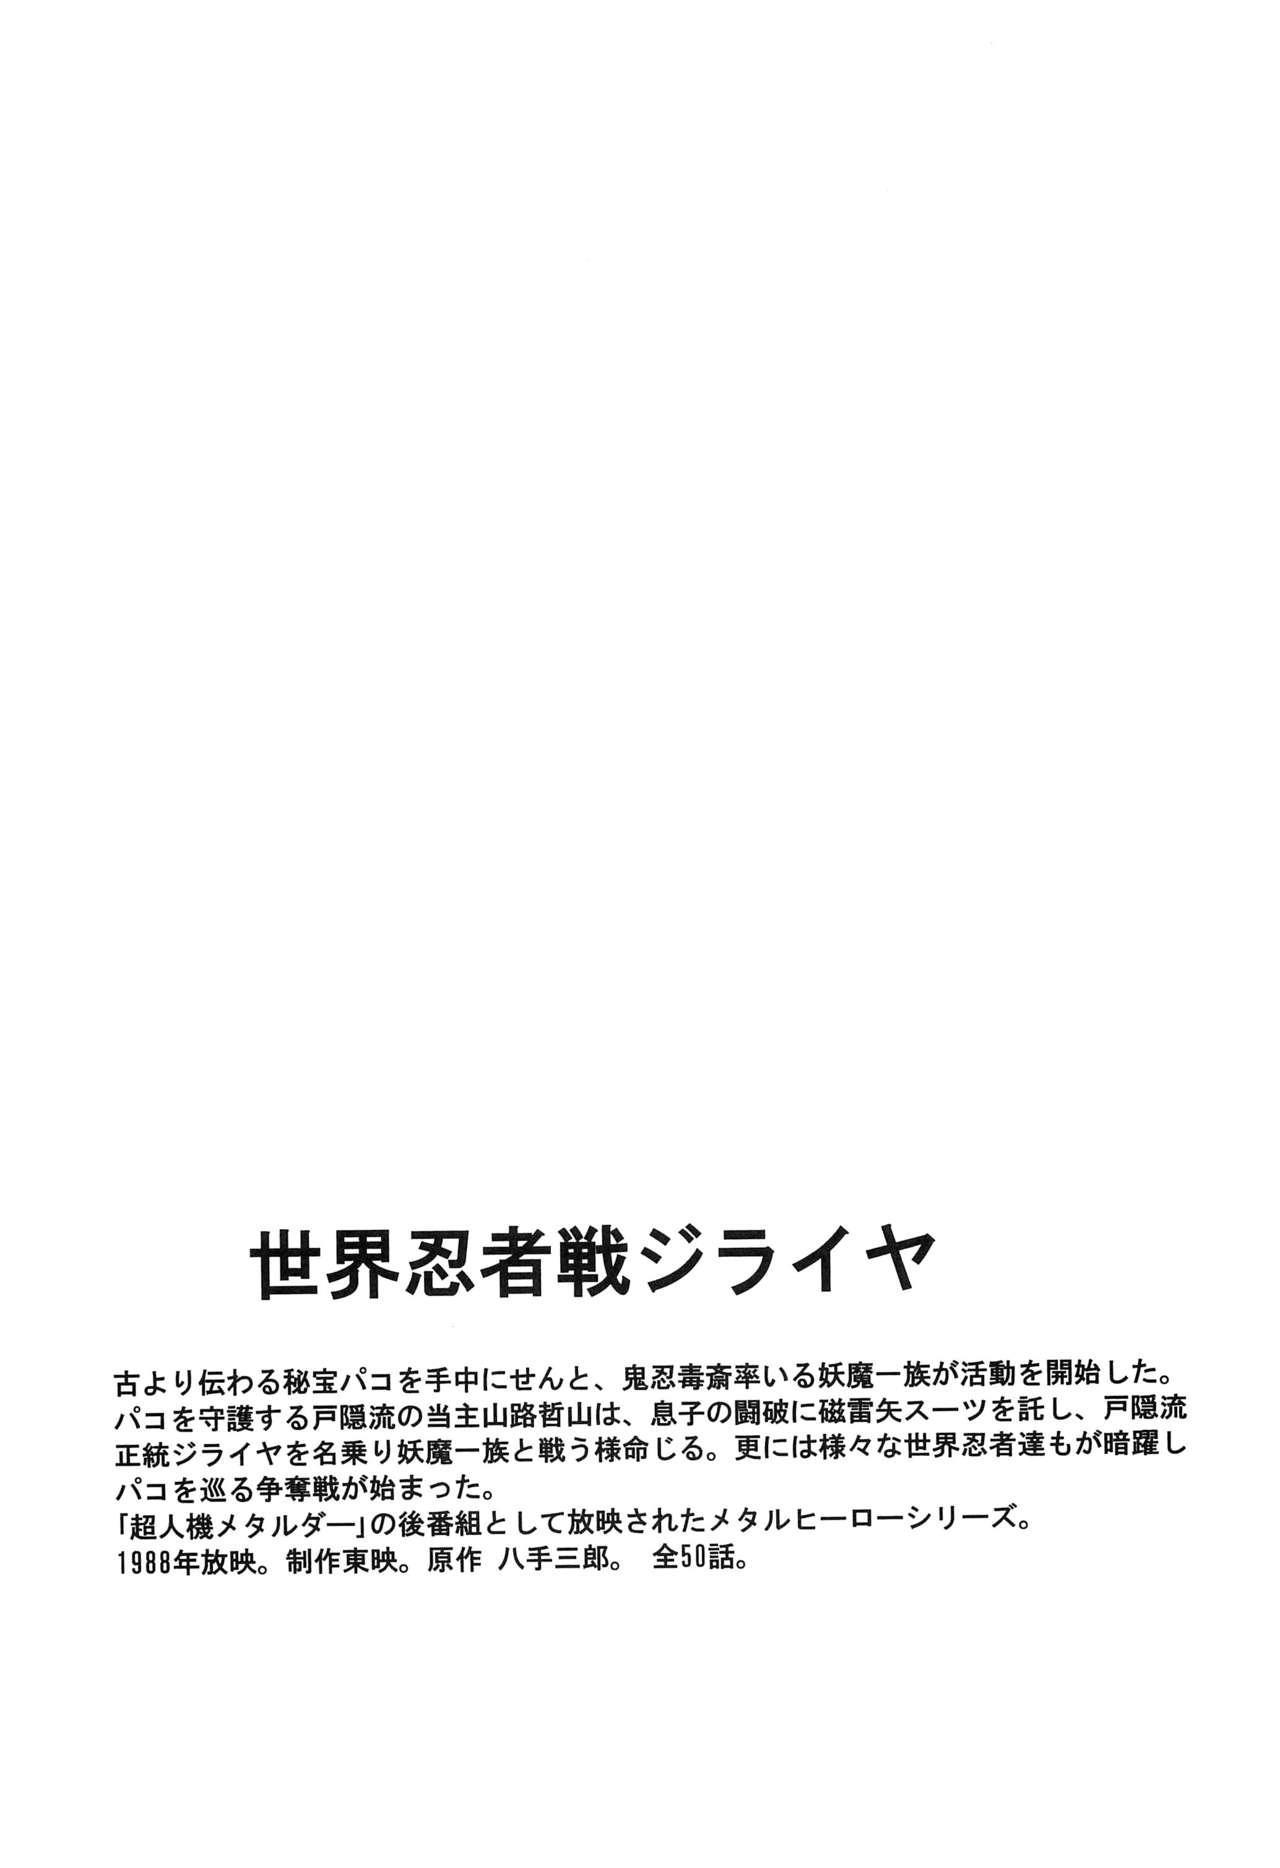 Himenin Hana Fubuki 2